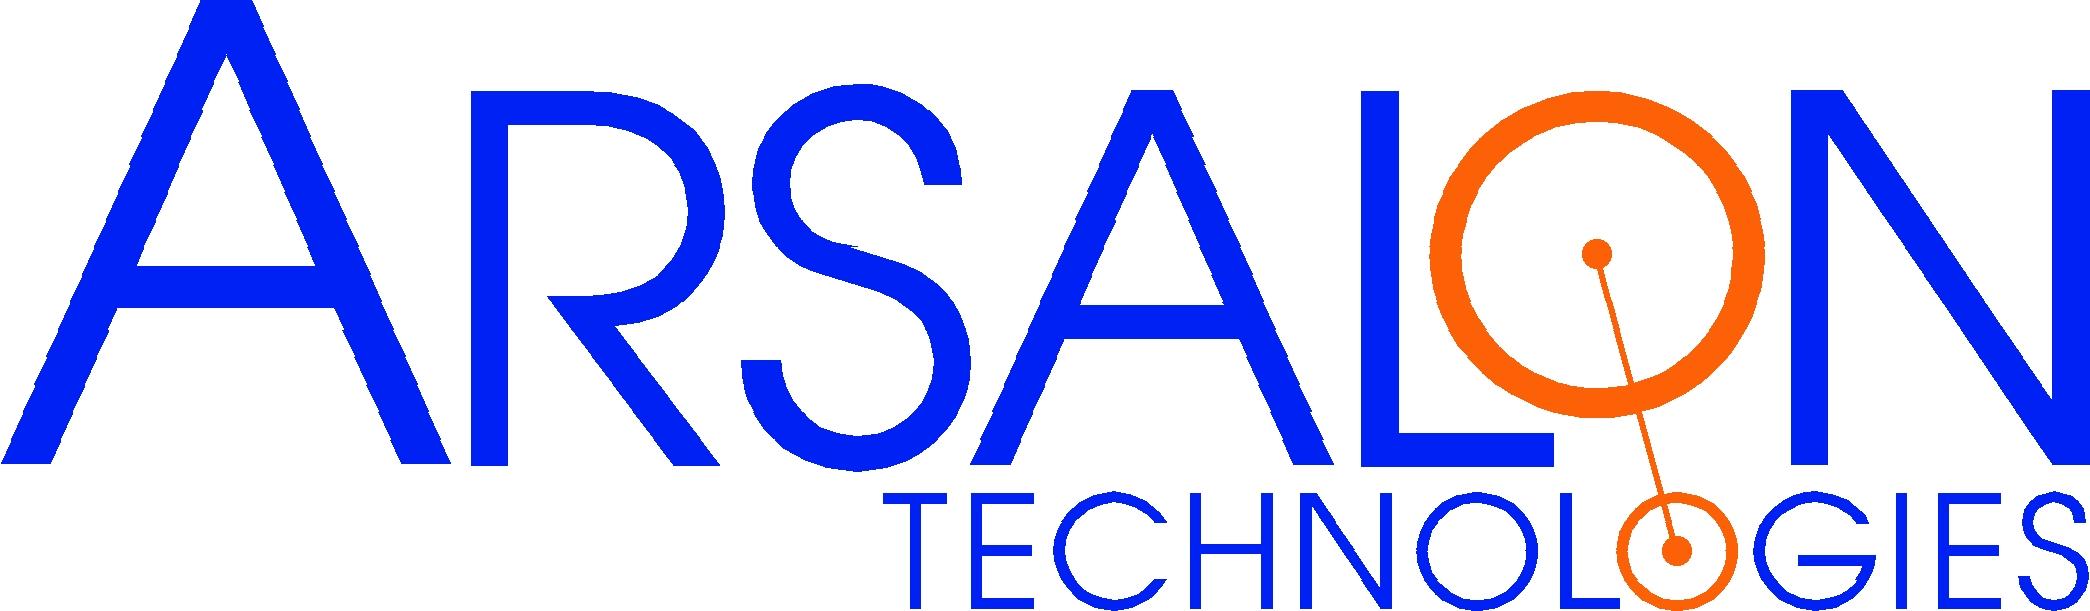 Arsalon_Logo4_C.jpg